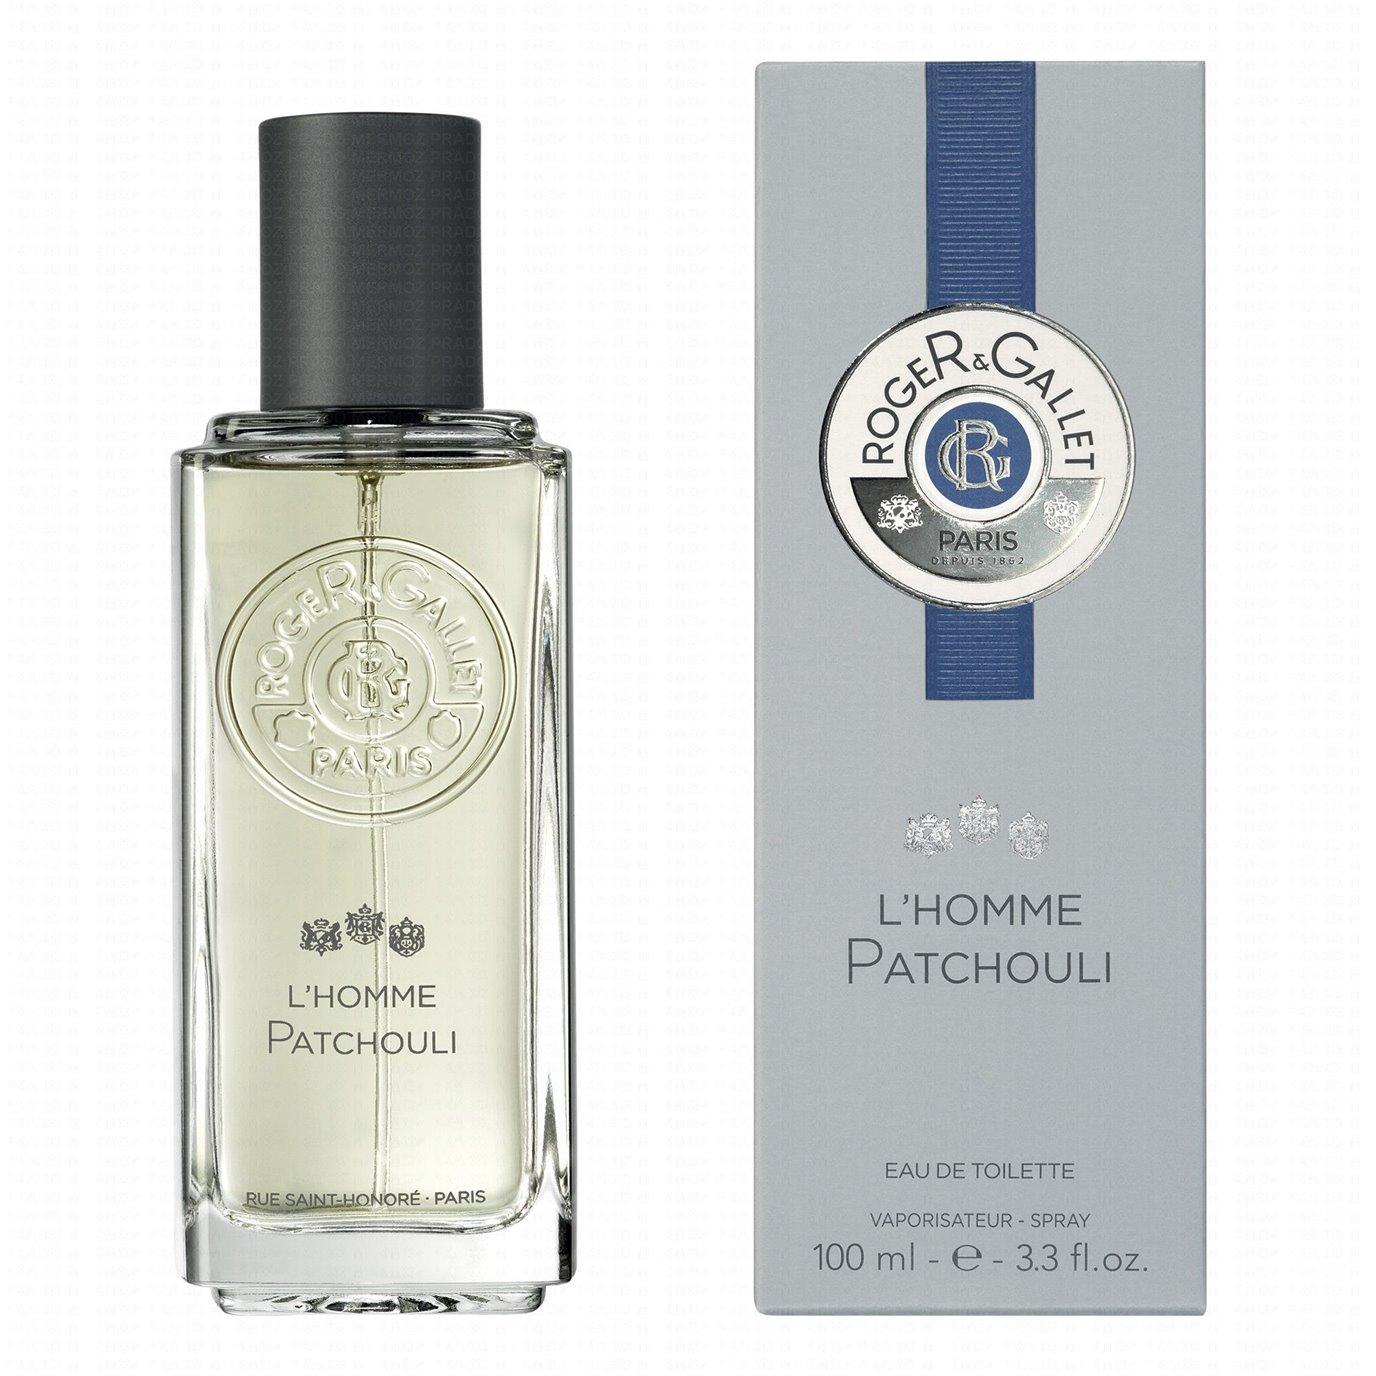 Roger & Gallet L'Homme Fragrant Patchouli Eau De Toilette Spray (3.3 oz - 100ml)